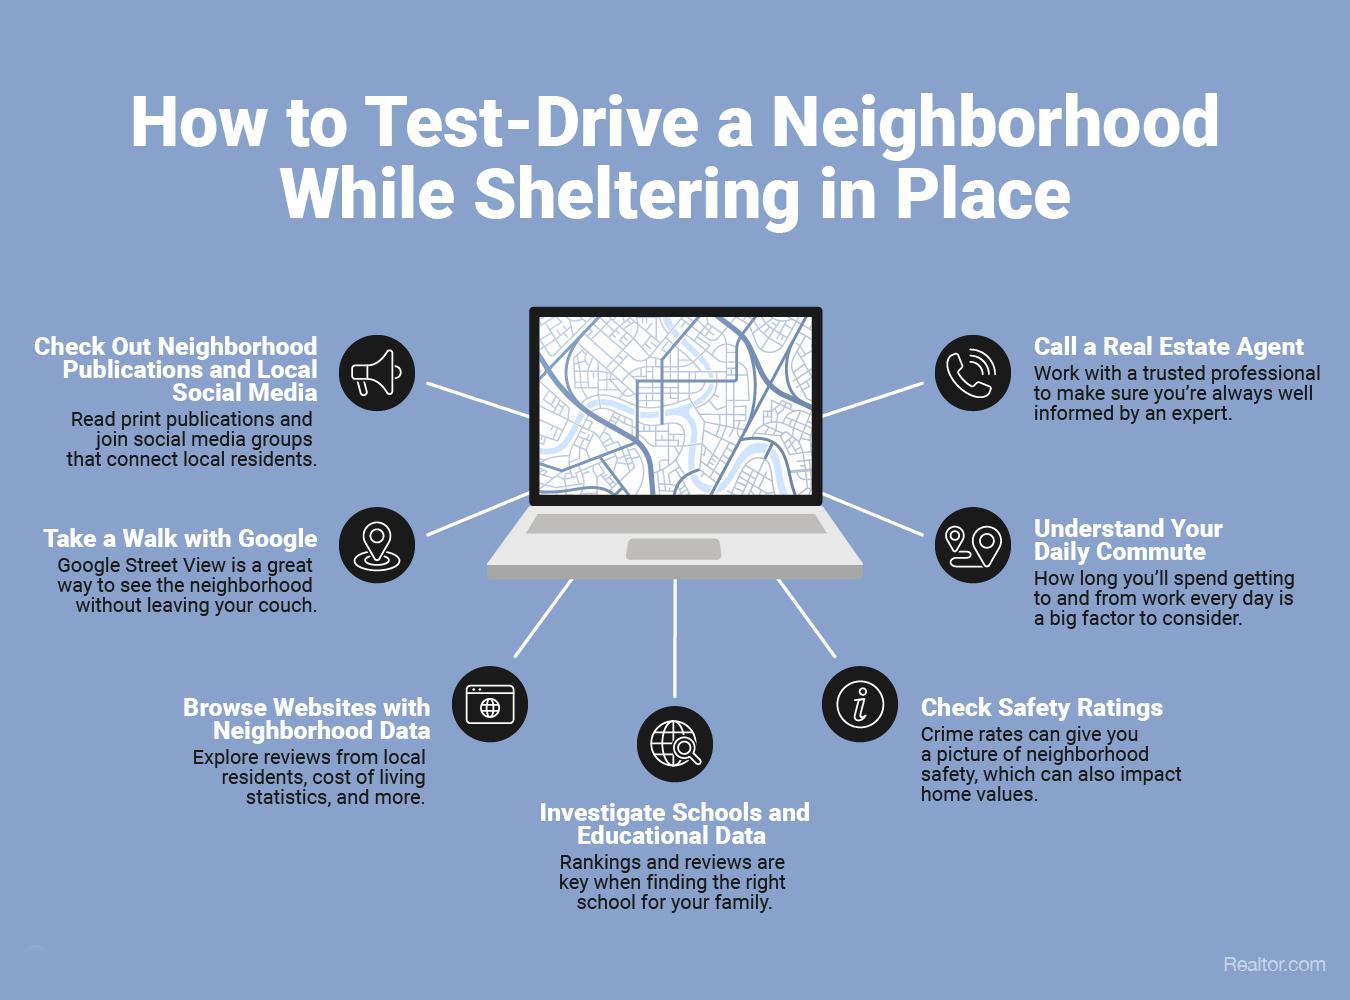 Test Drive a Neighborhood